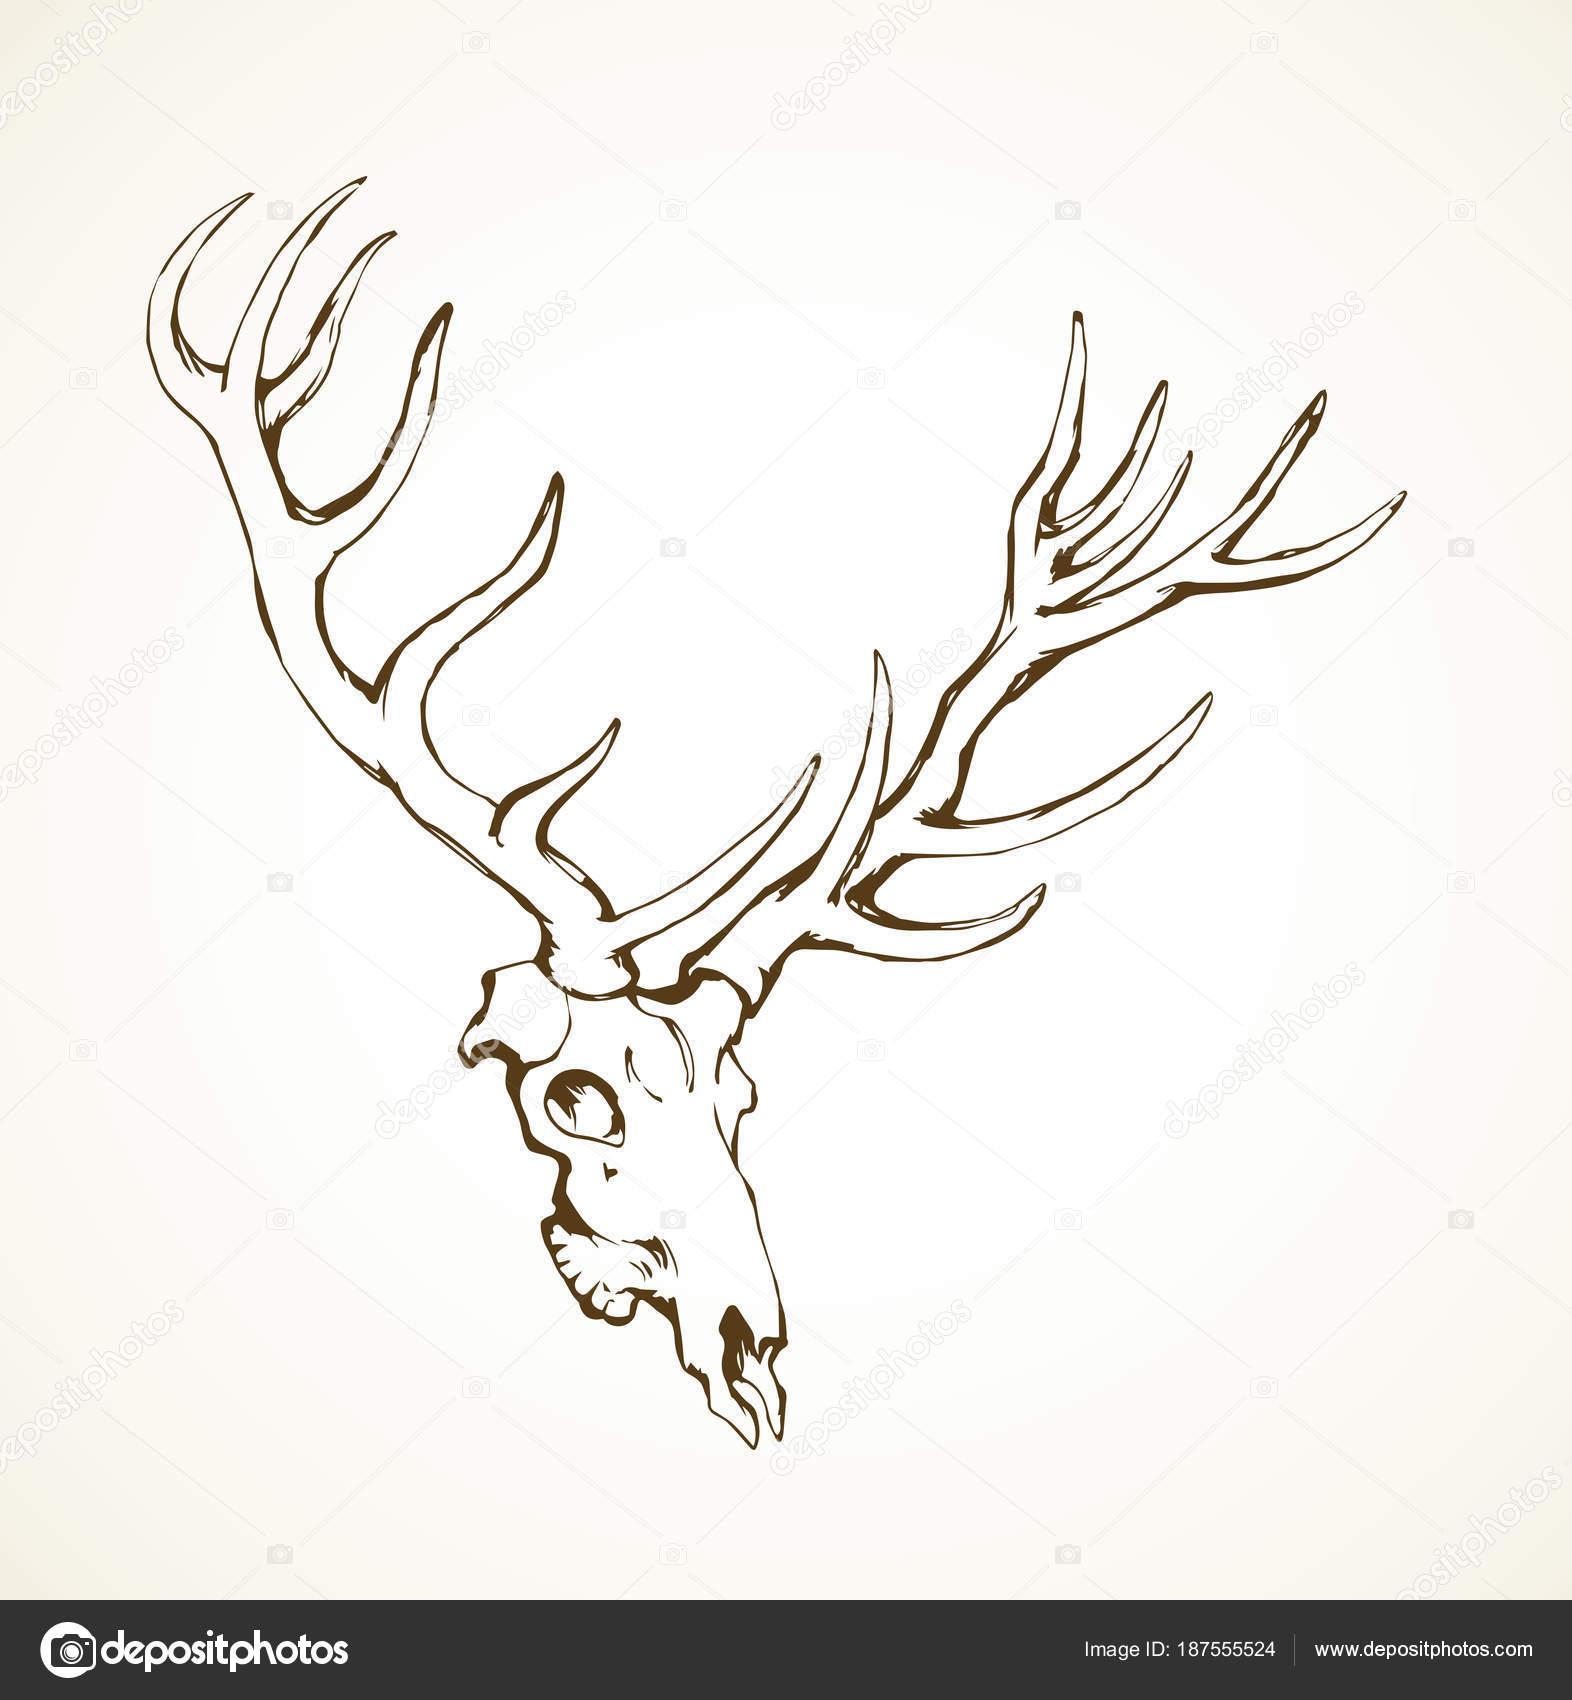 Cráneo de ciervo. Dibujo vectorial — Archivo Imágenes Vectoriales ...